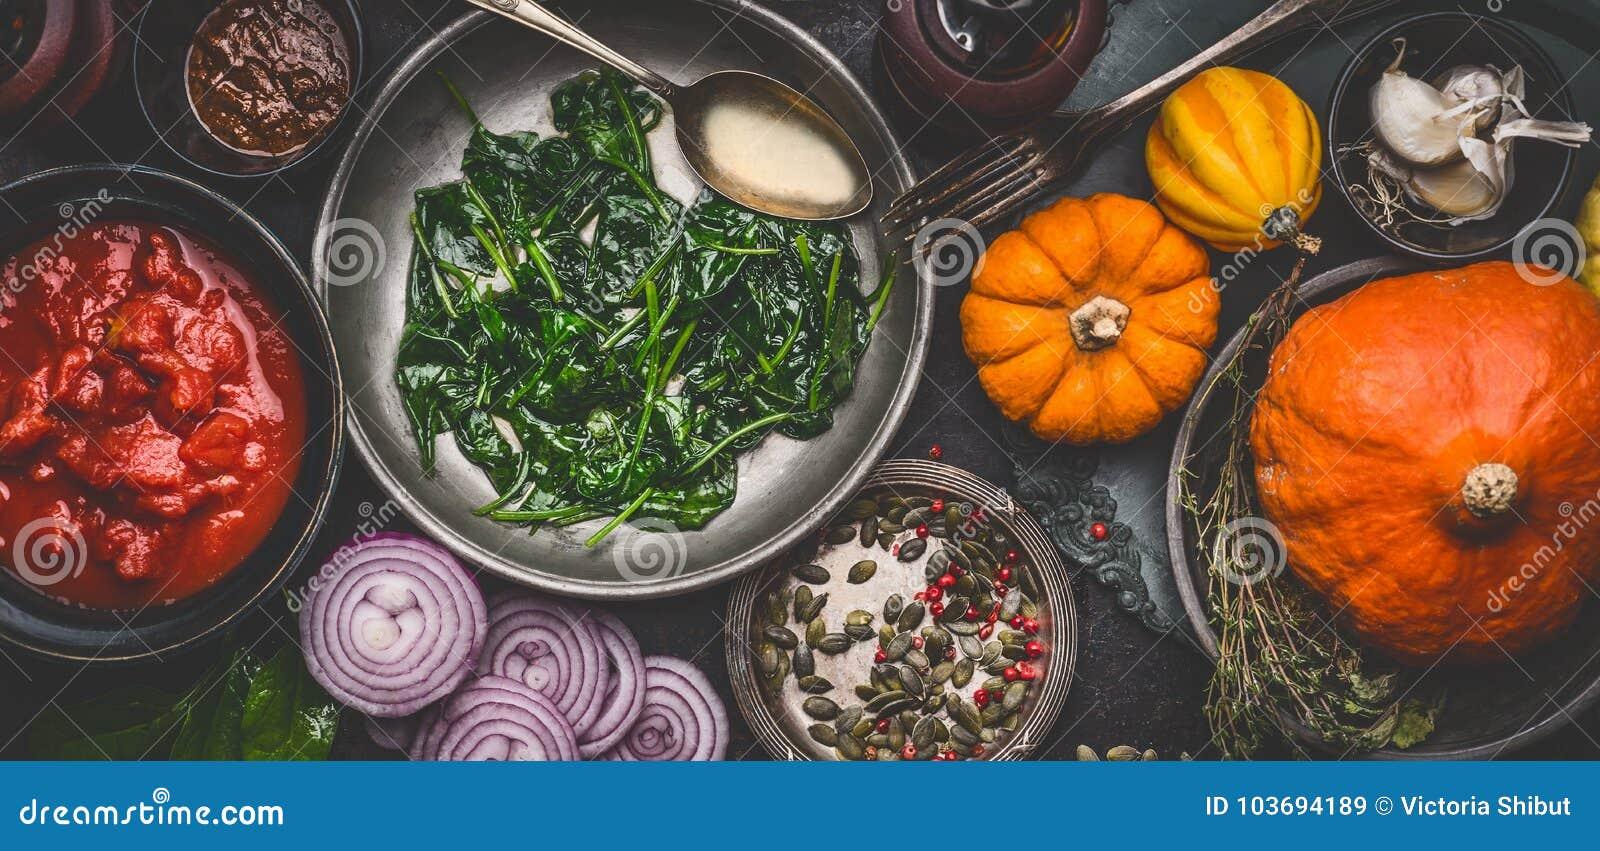 烹调鲜美南瓜的健康素食主义者成份断送在碗的食谱:西红柿酱,菠菜,切了葱,南瓜s